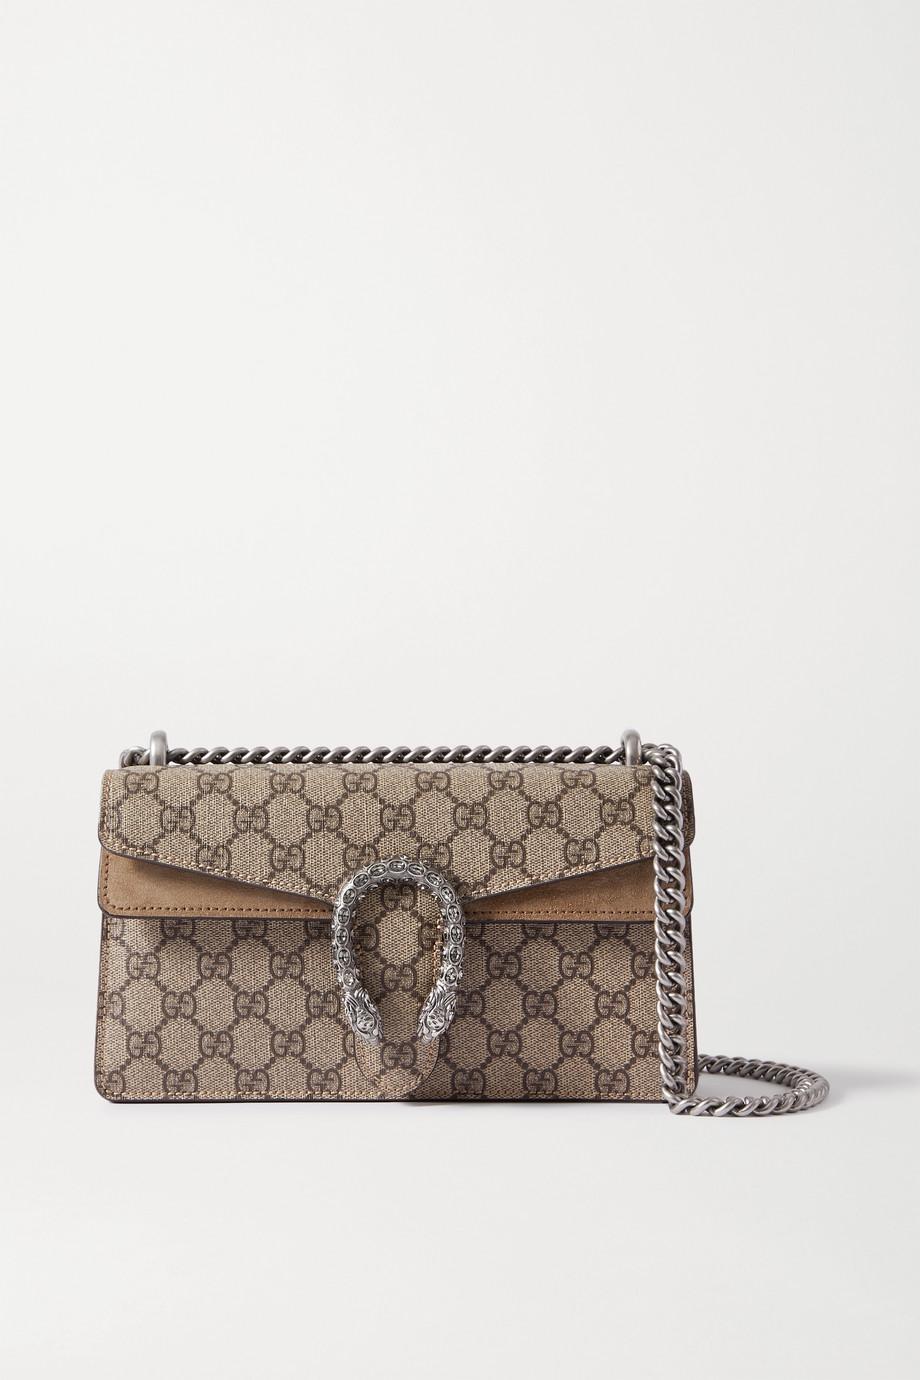 Gucci Dionysus kleine Schultertasche aus beschichtetem Canvas mit Print und Veloursleder